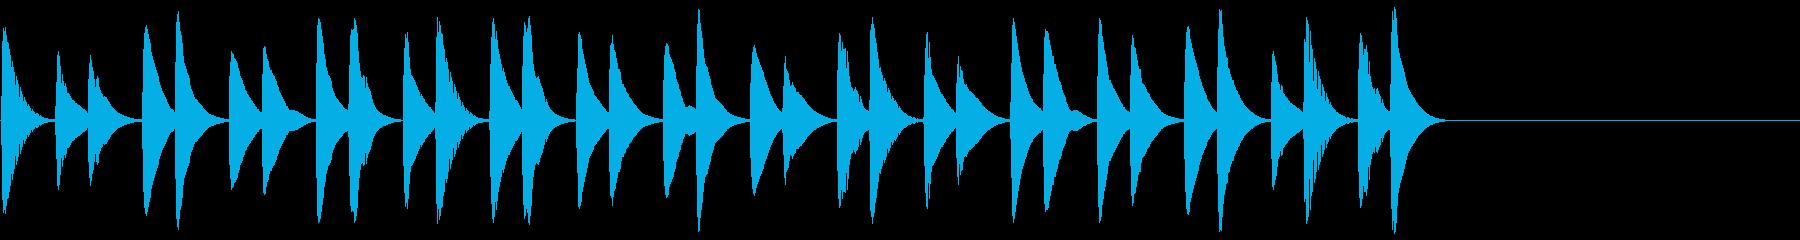 パンパランパパンパ…(アイキャッチ)の再生済みの波形